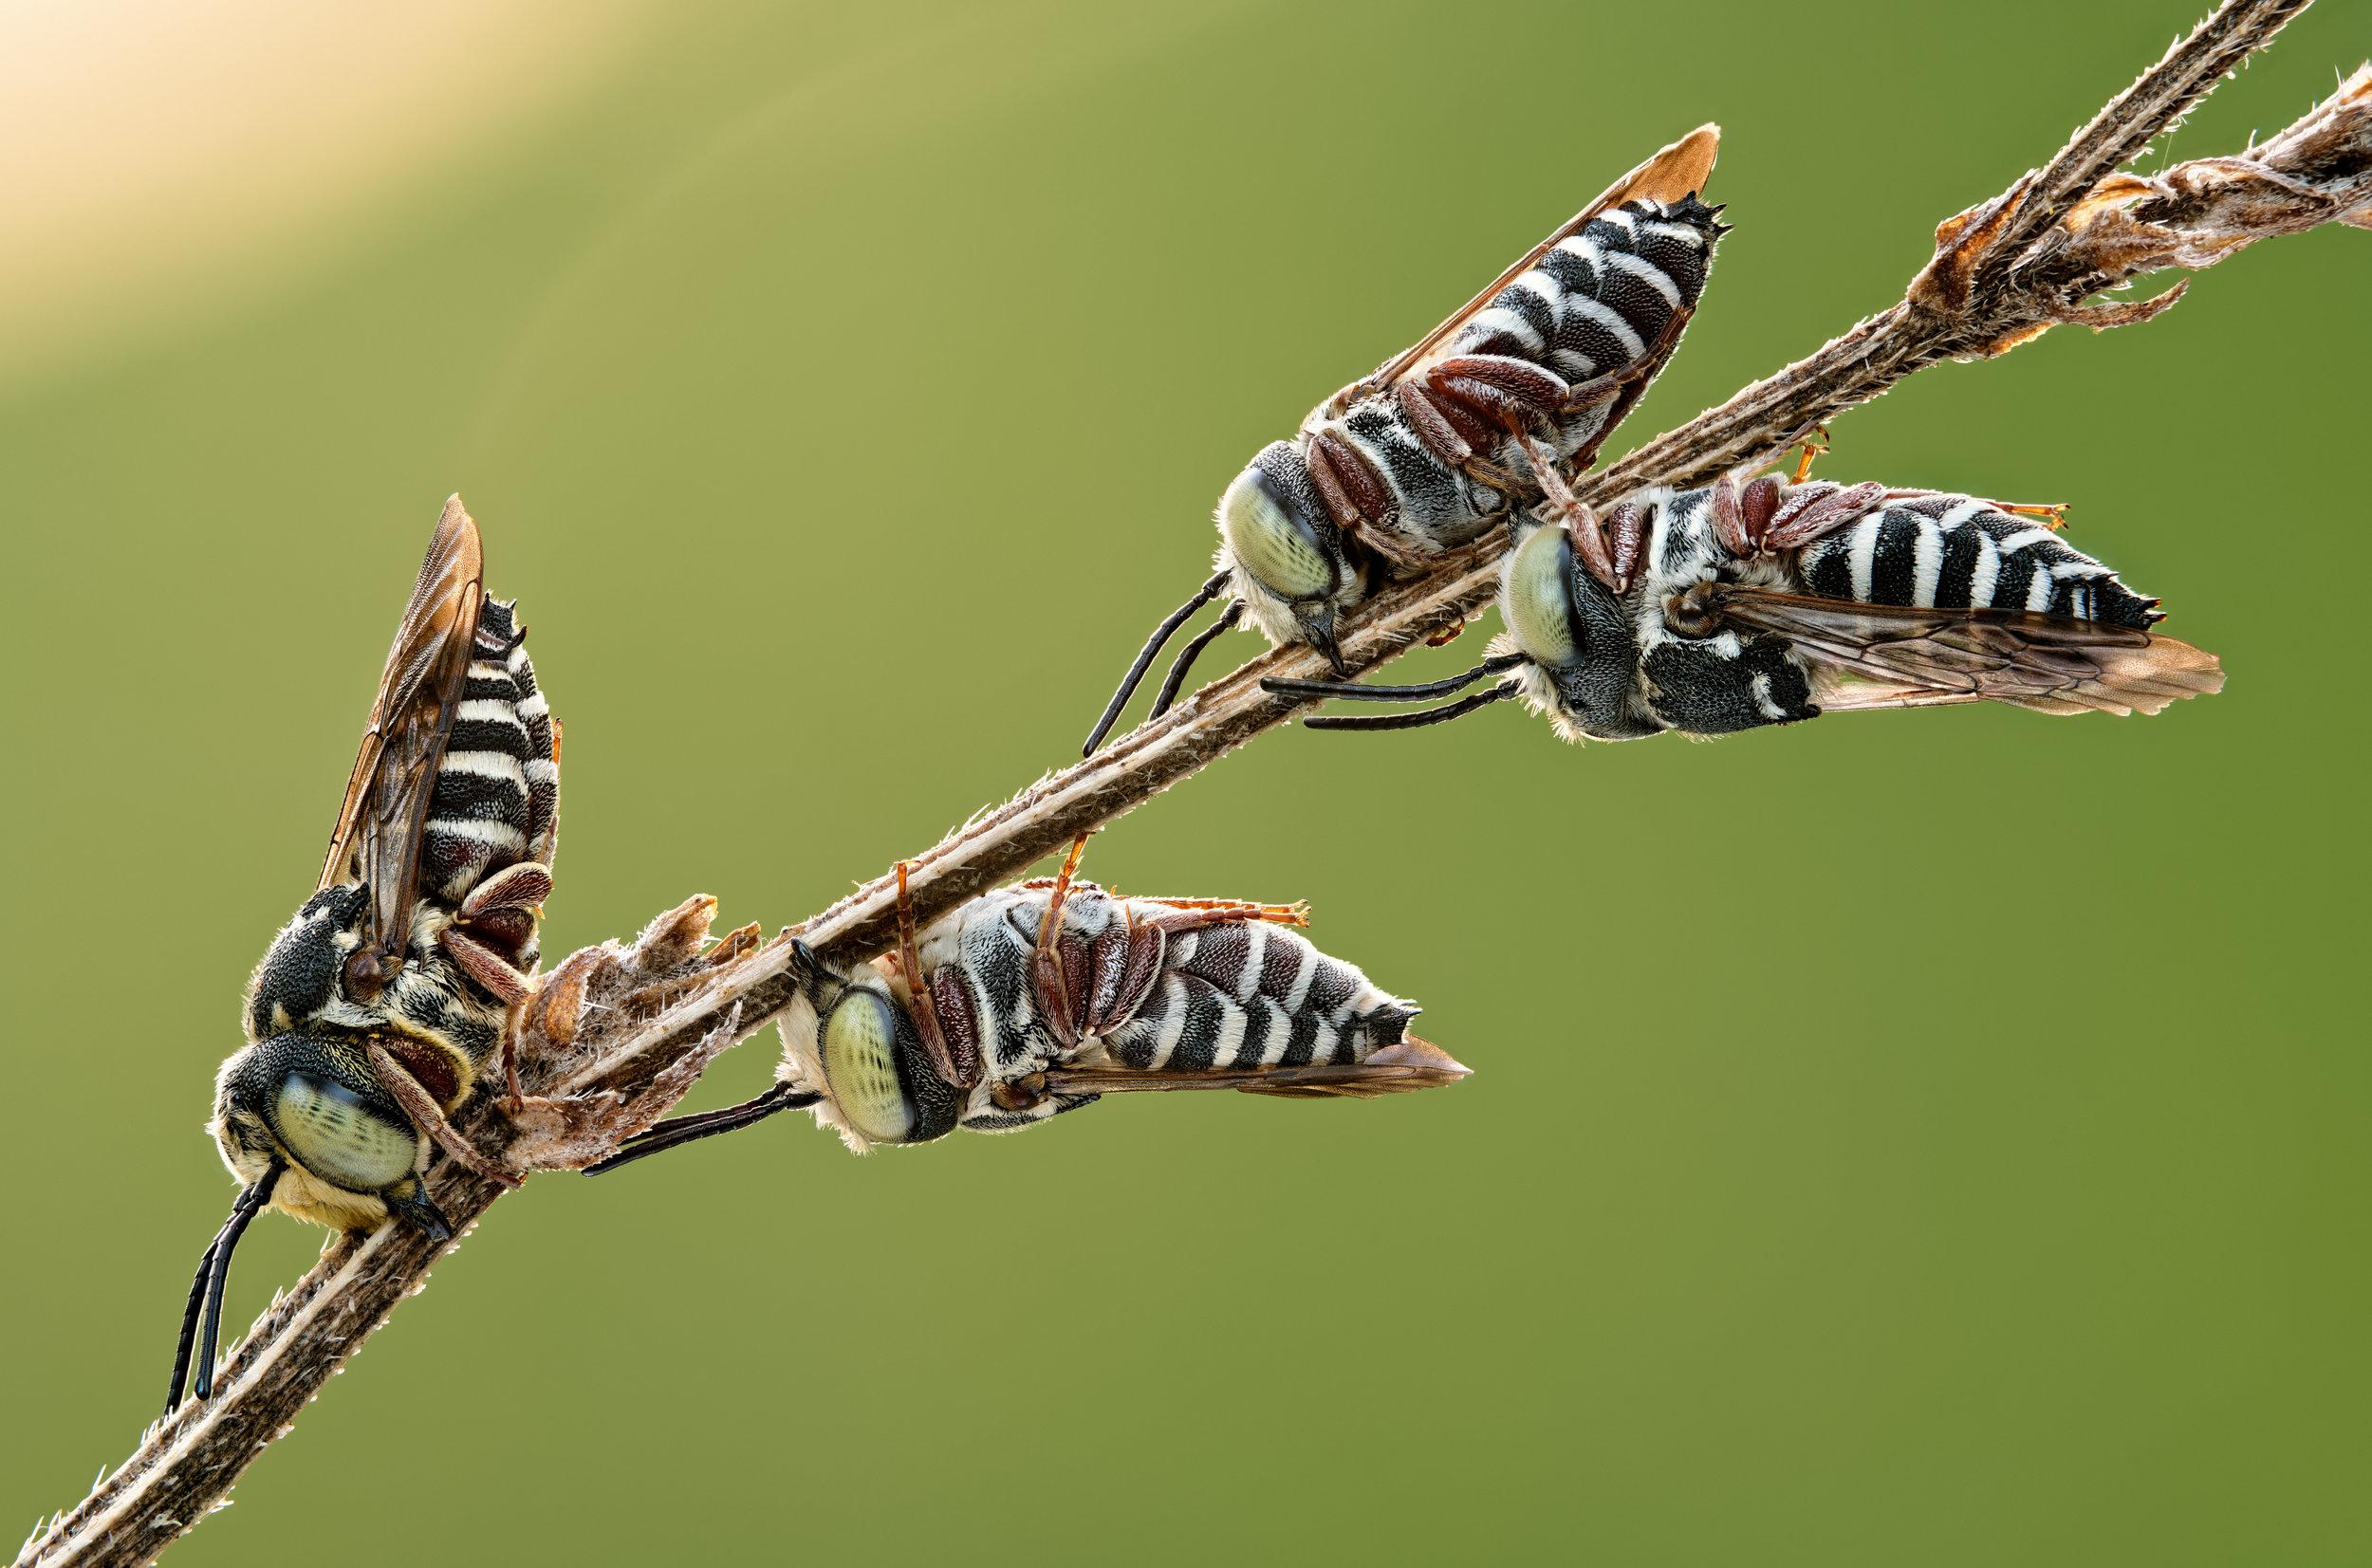 4 sleeping-bees on twig - d850 - sigma 150 - bw08.jpg